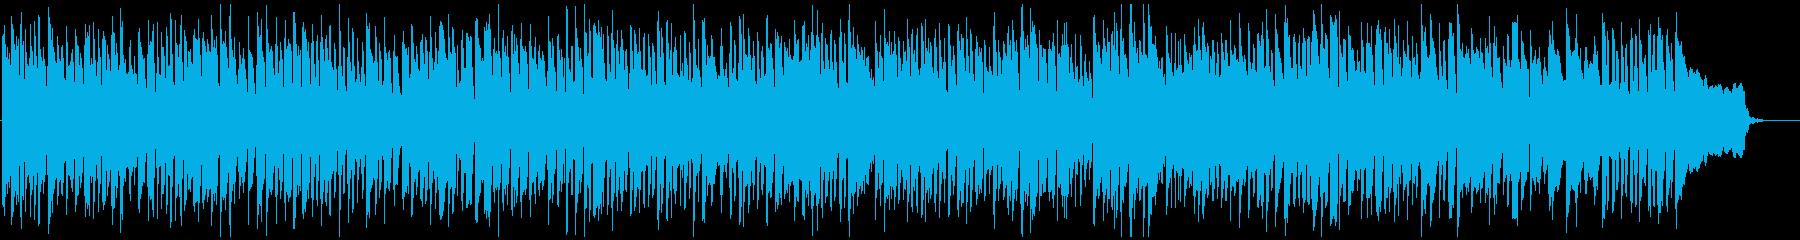 ウキウキと賑やか、陽気で元気なリコーダーの再生済みの波形